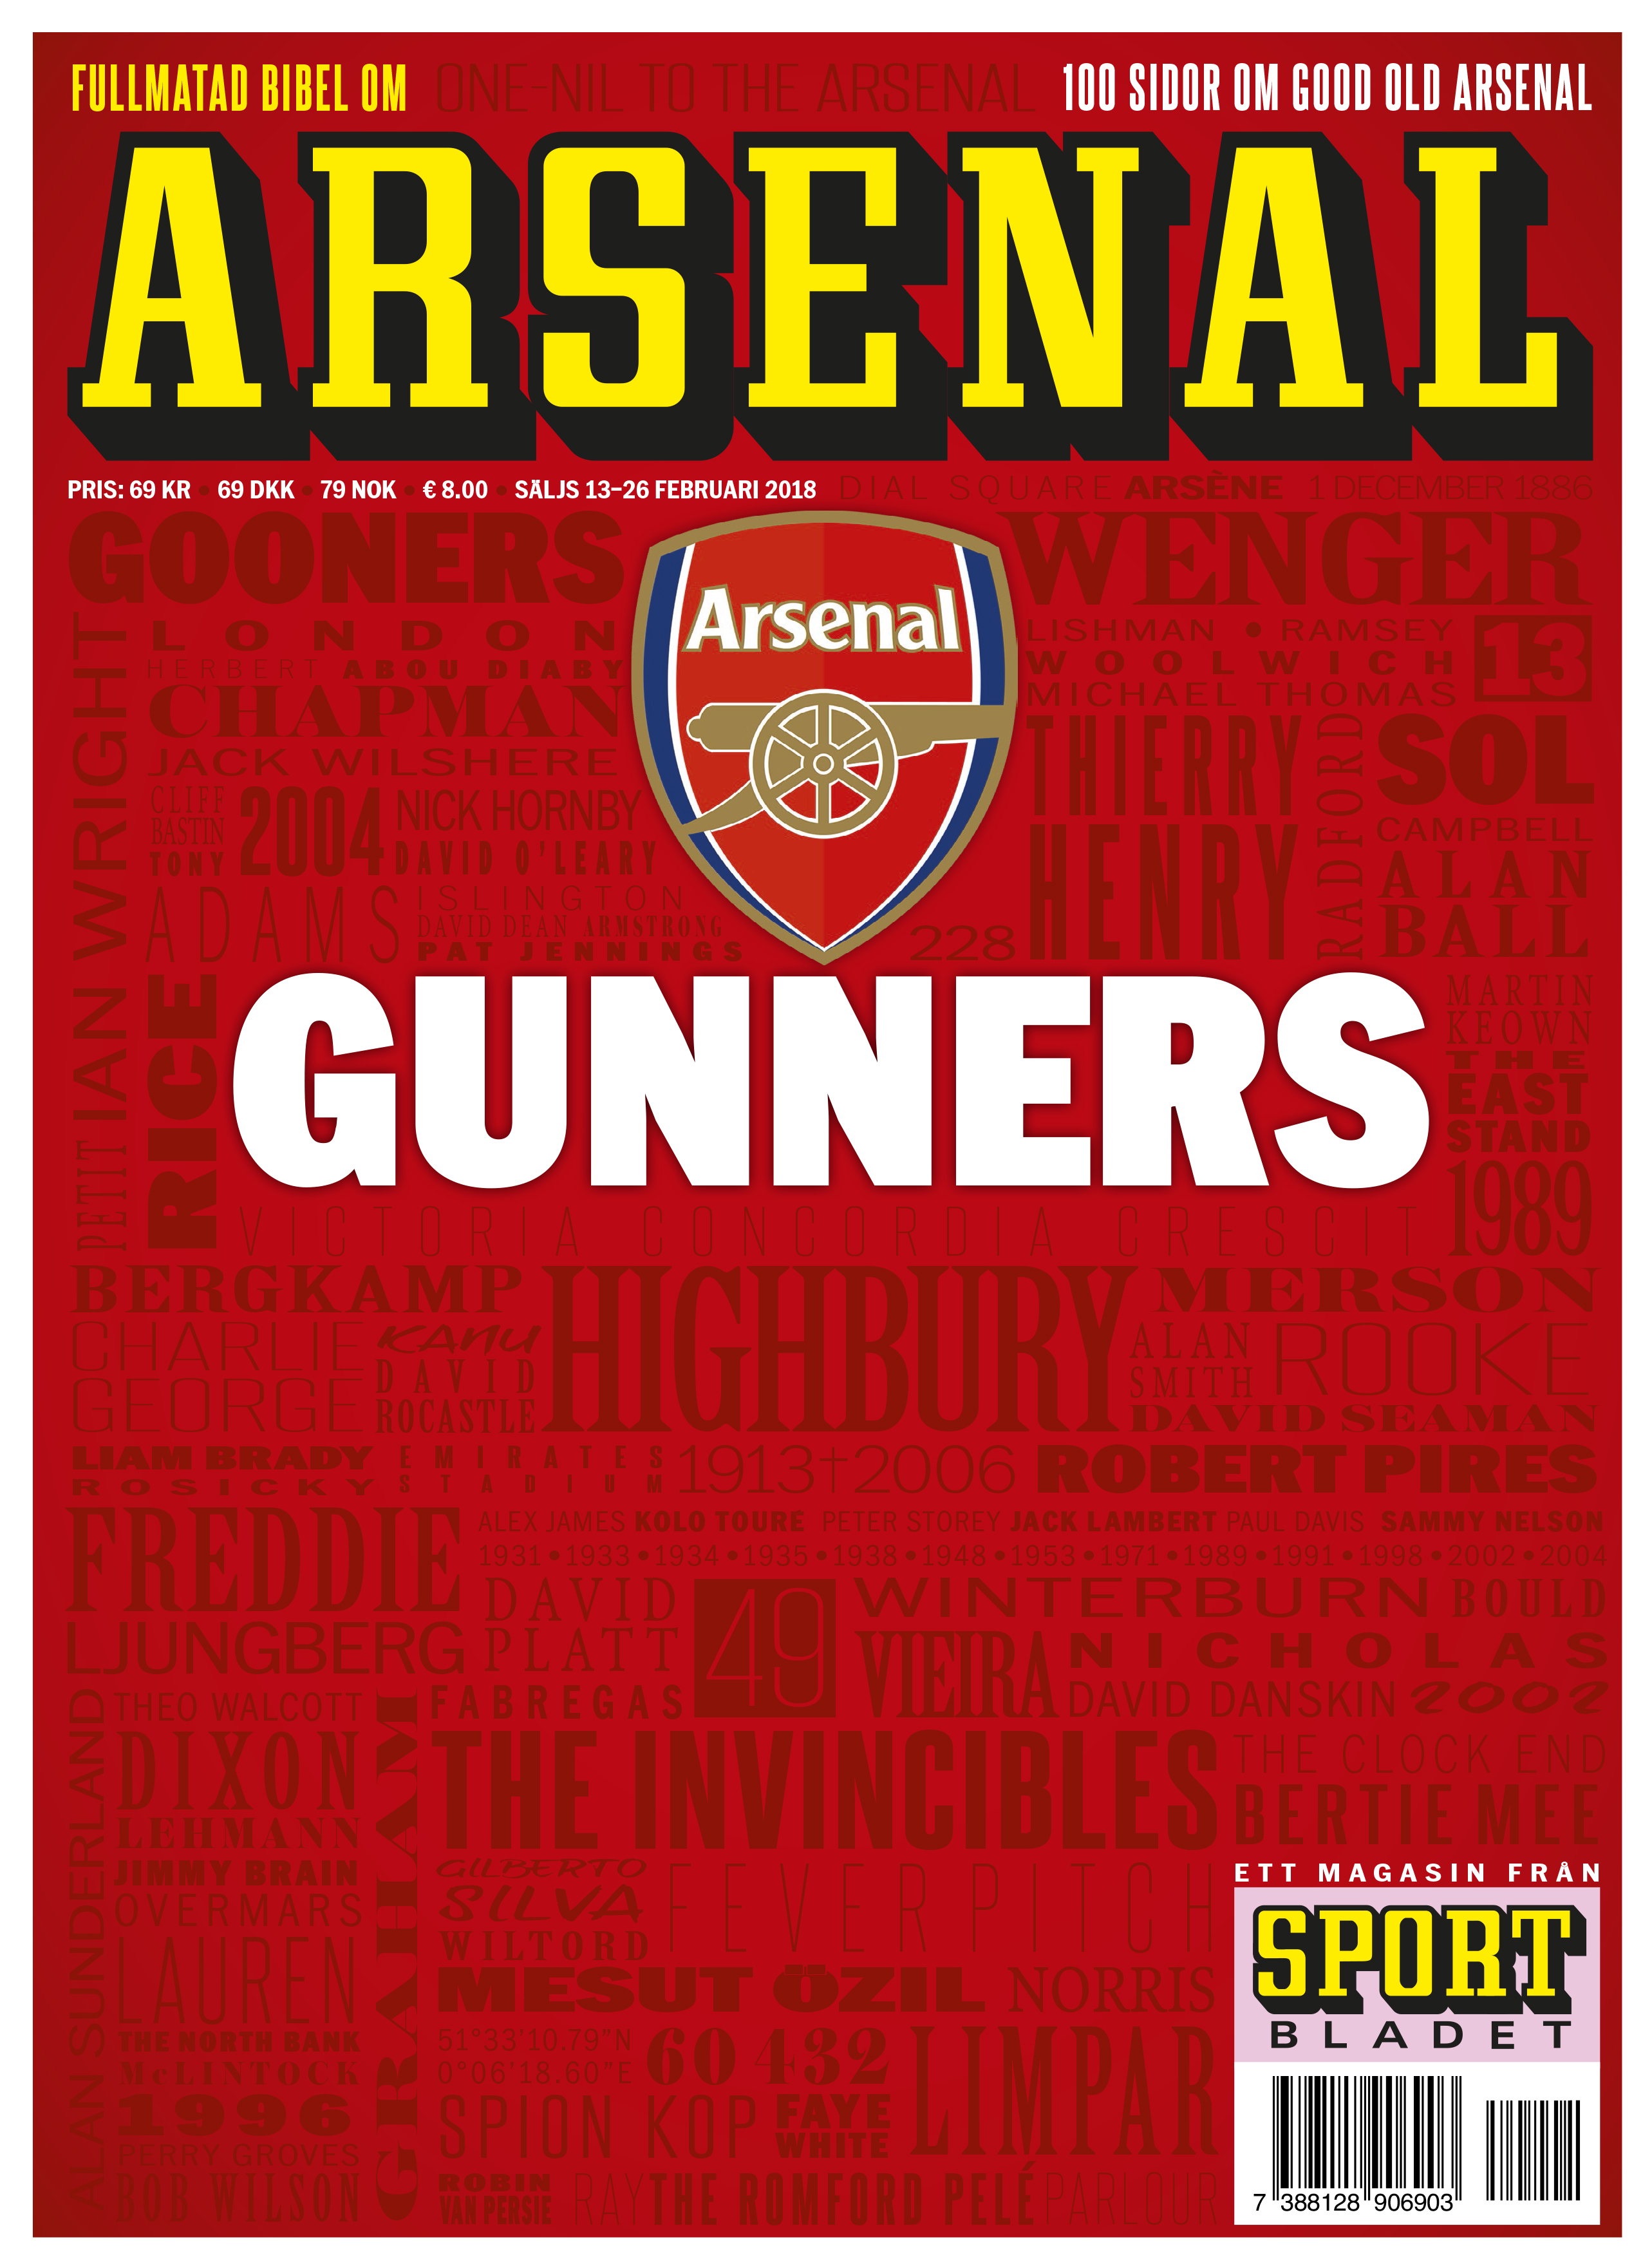 Arsenal_NY2